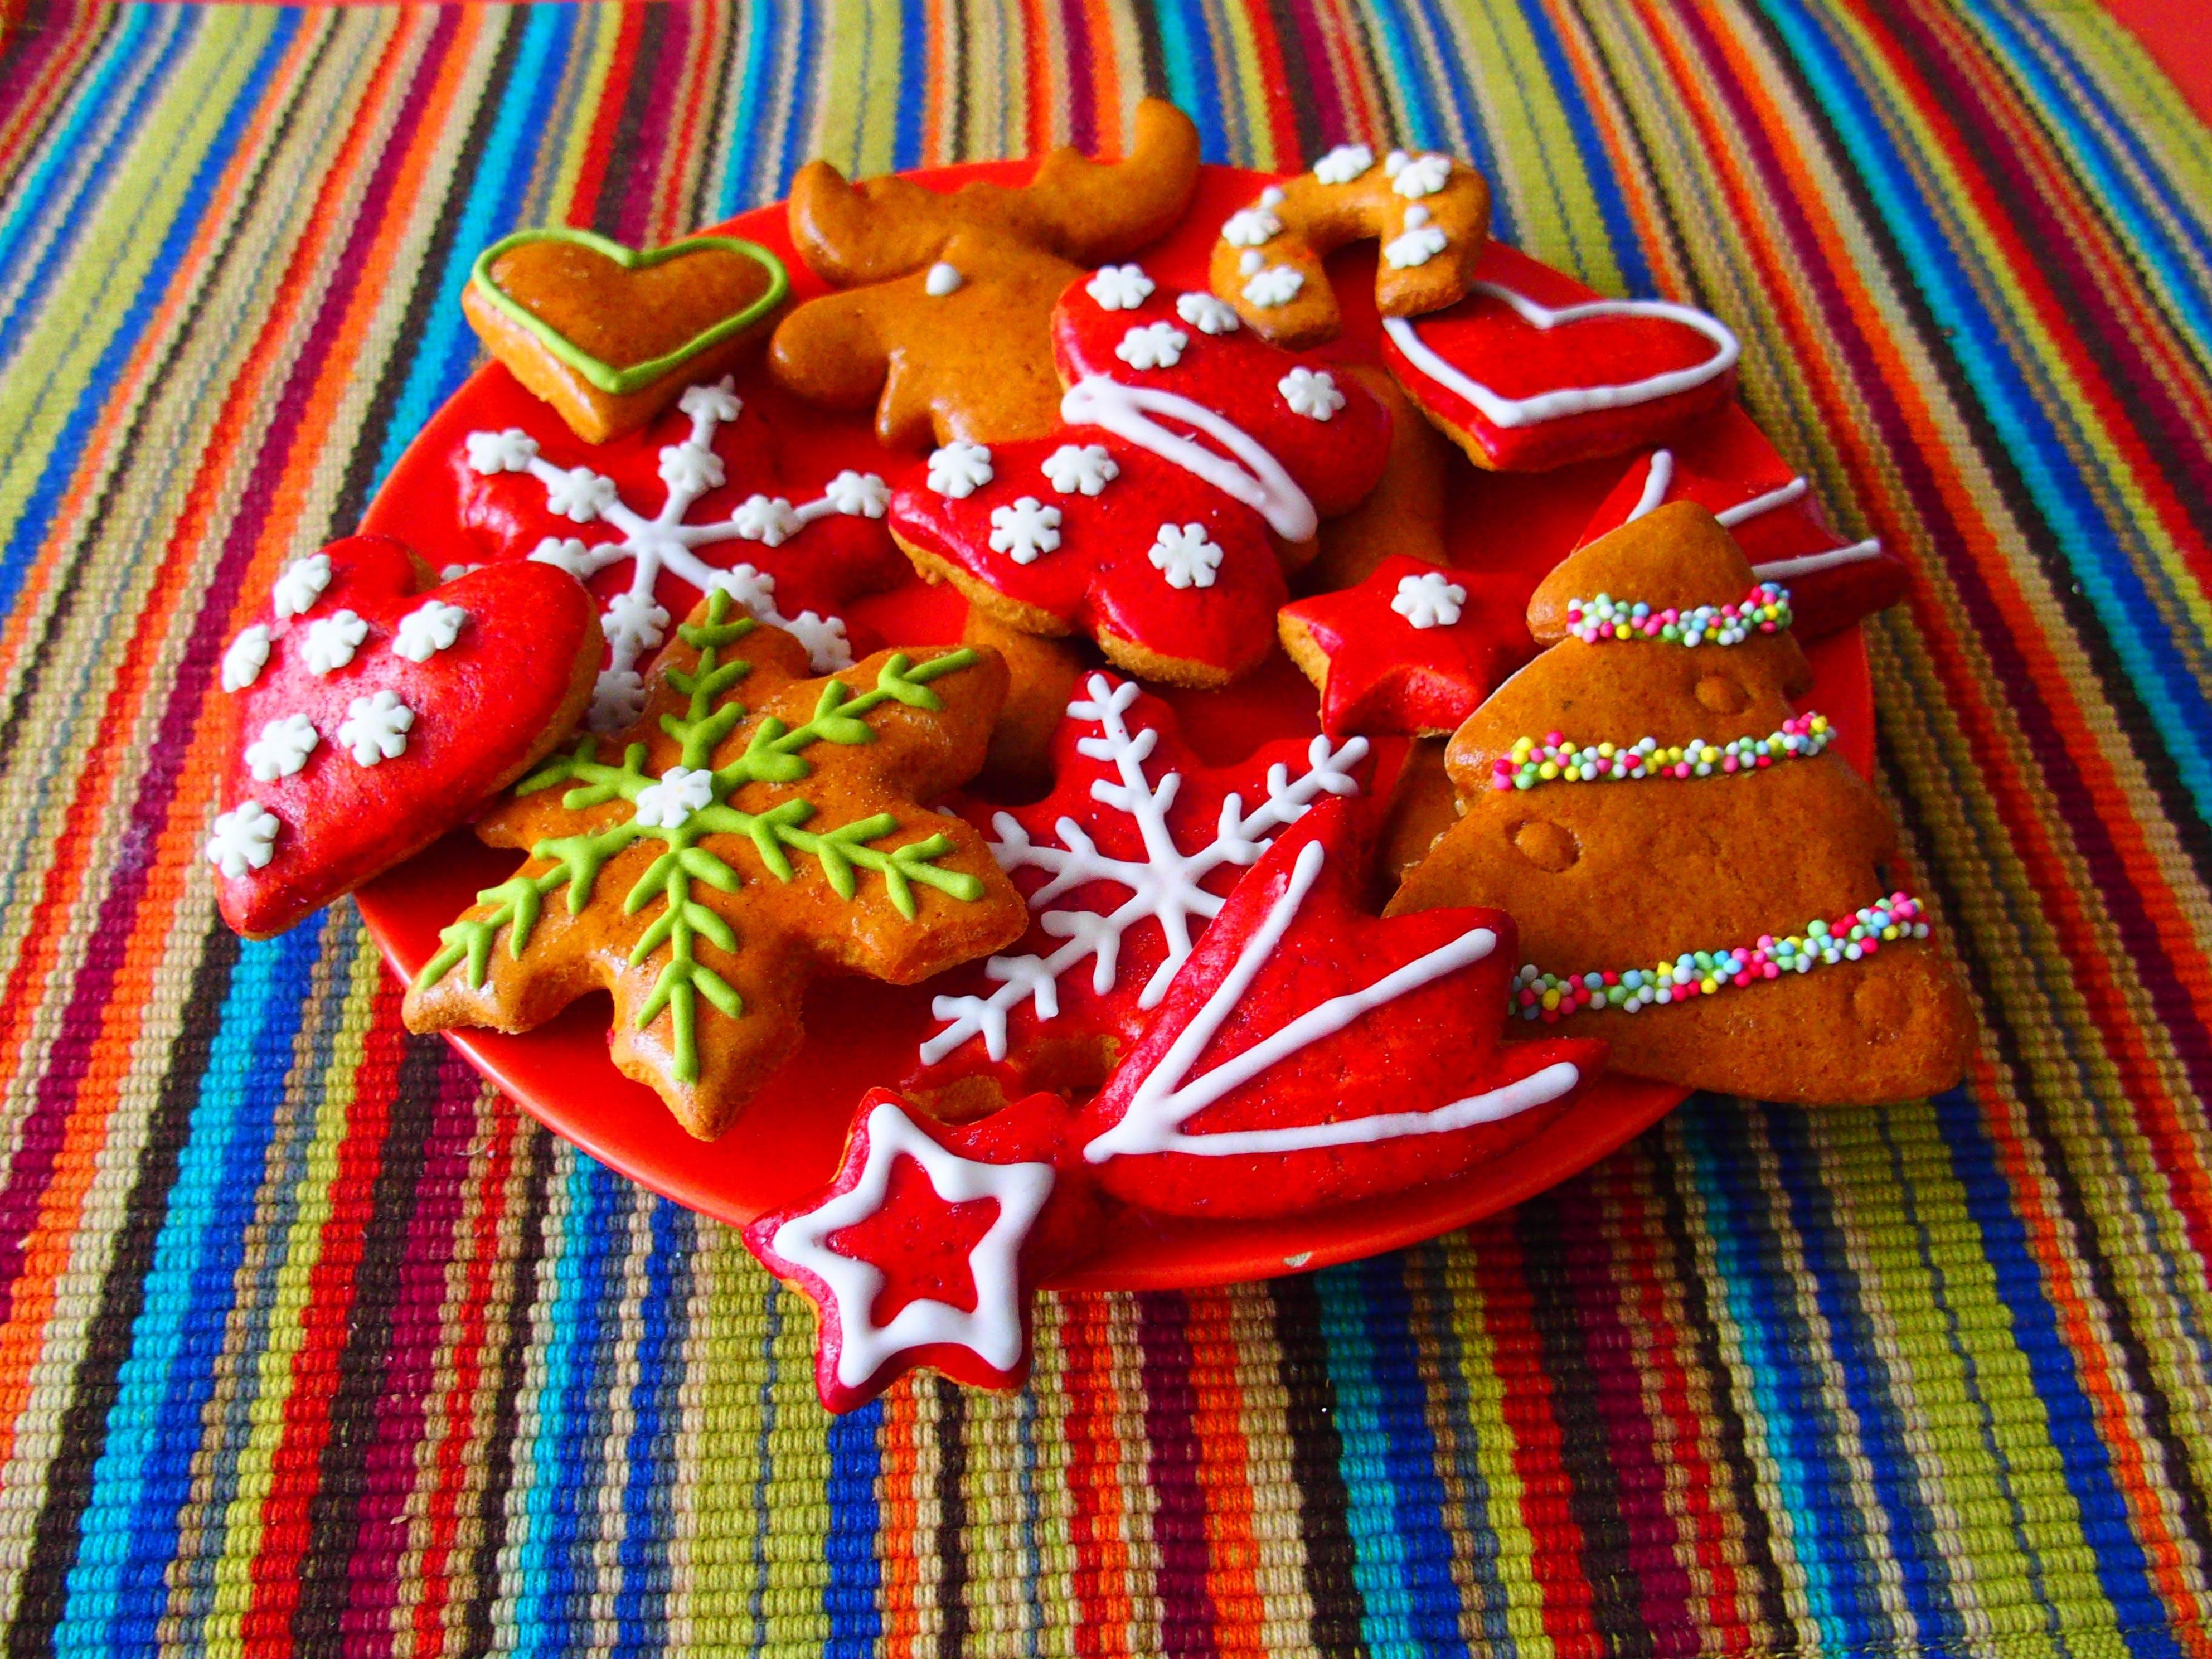 Gratis stockfoto met designen, eten, gingerbread, handgemaakt